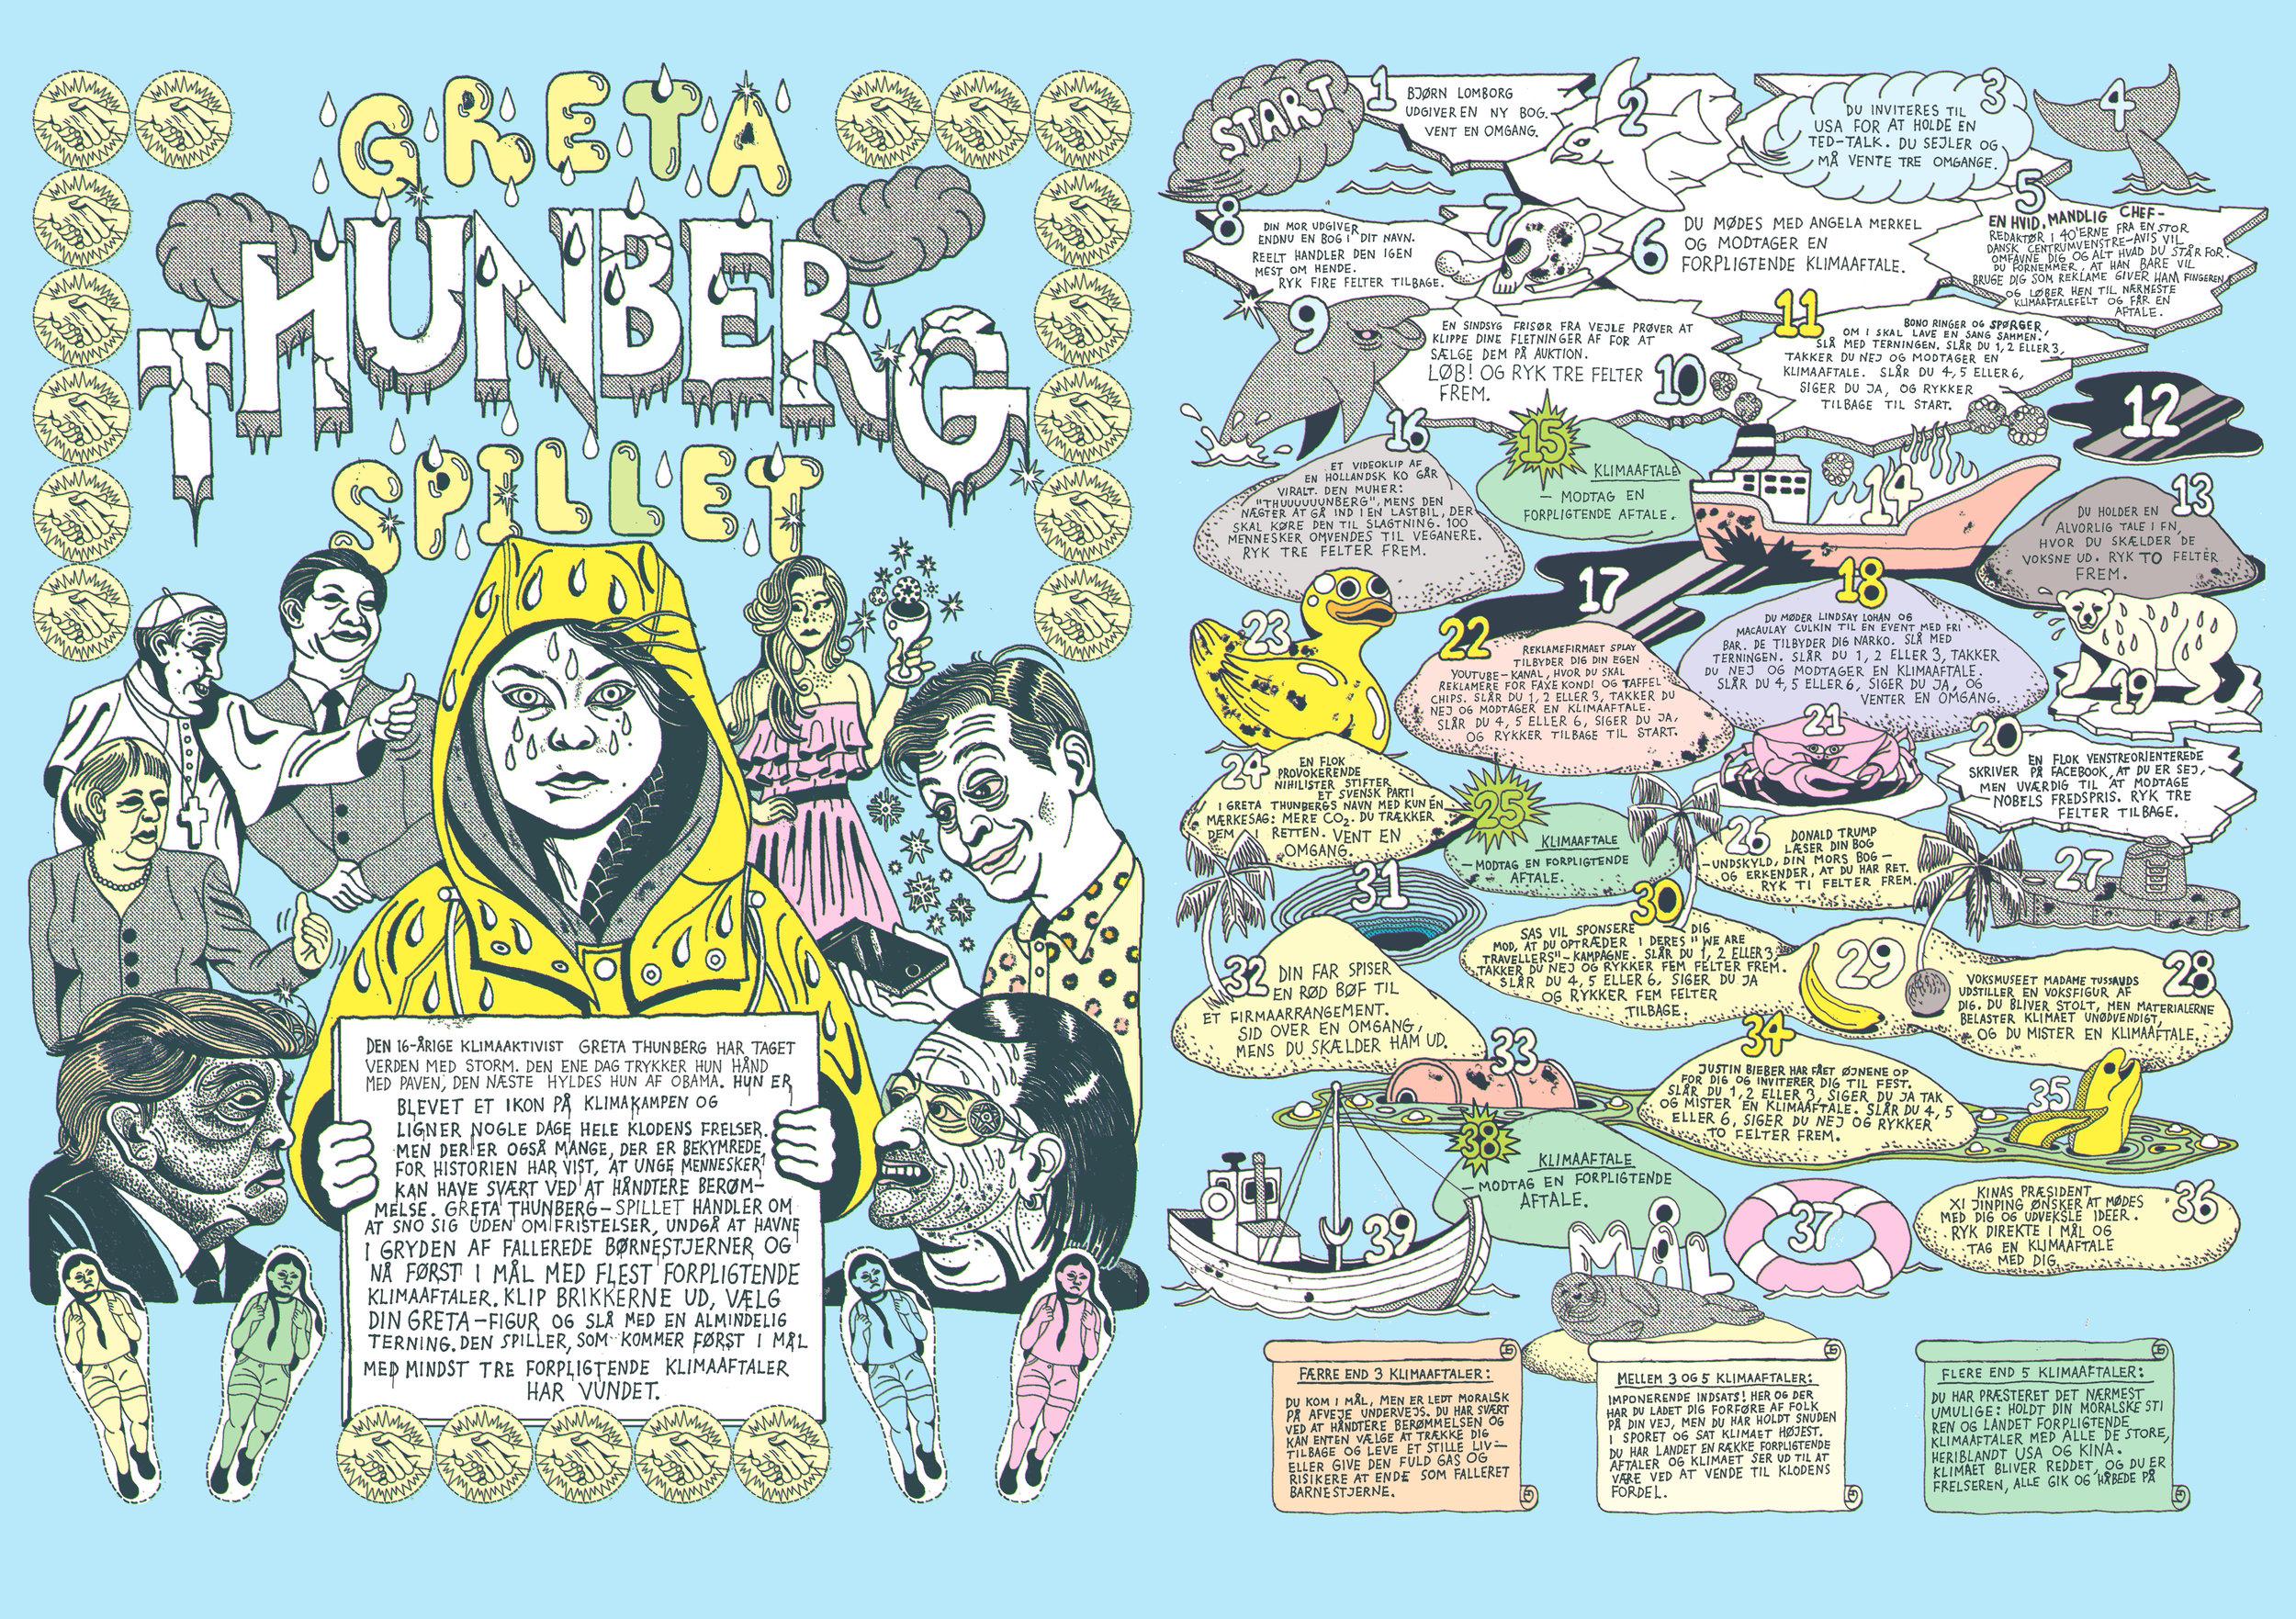 GRETA-Thunberg-spillet-v2-håndskrevet.jpg